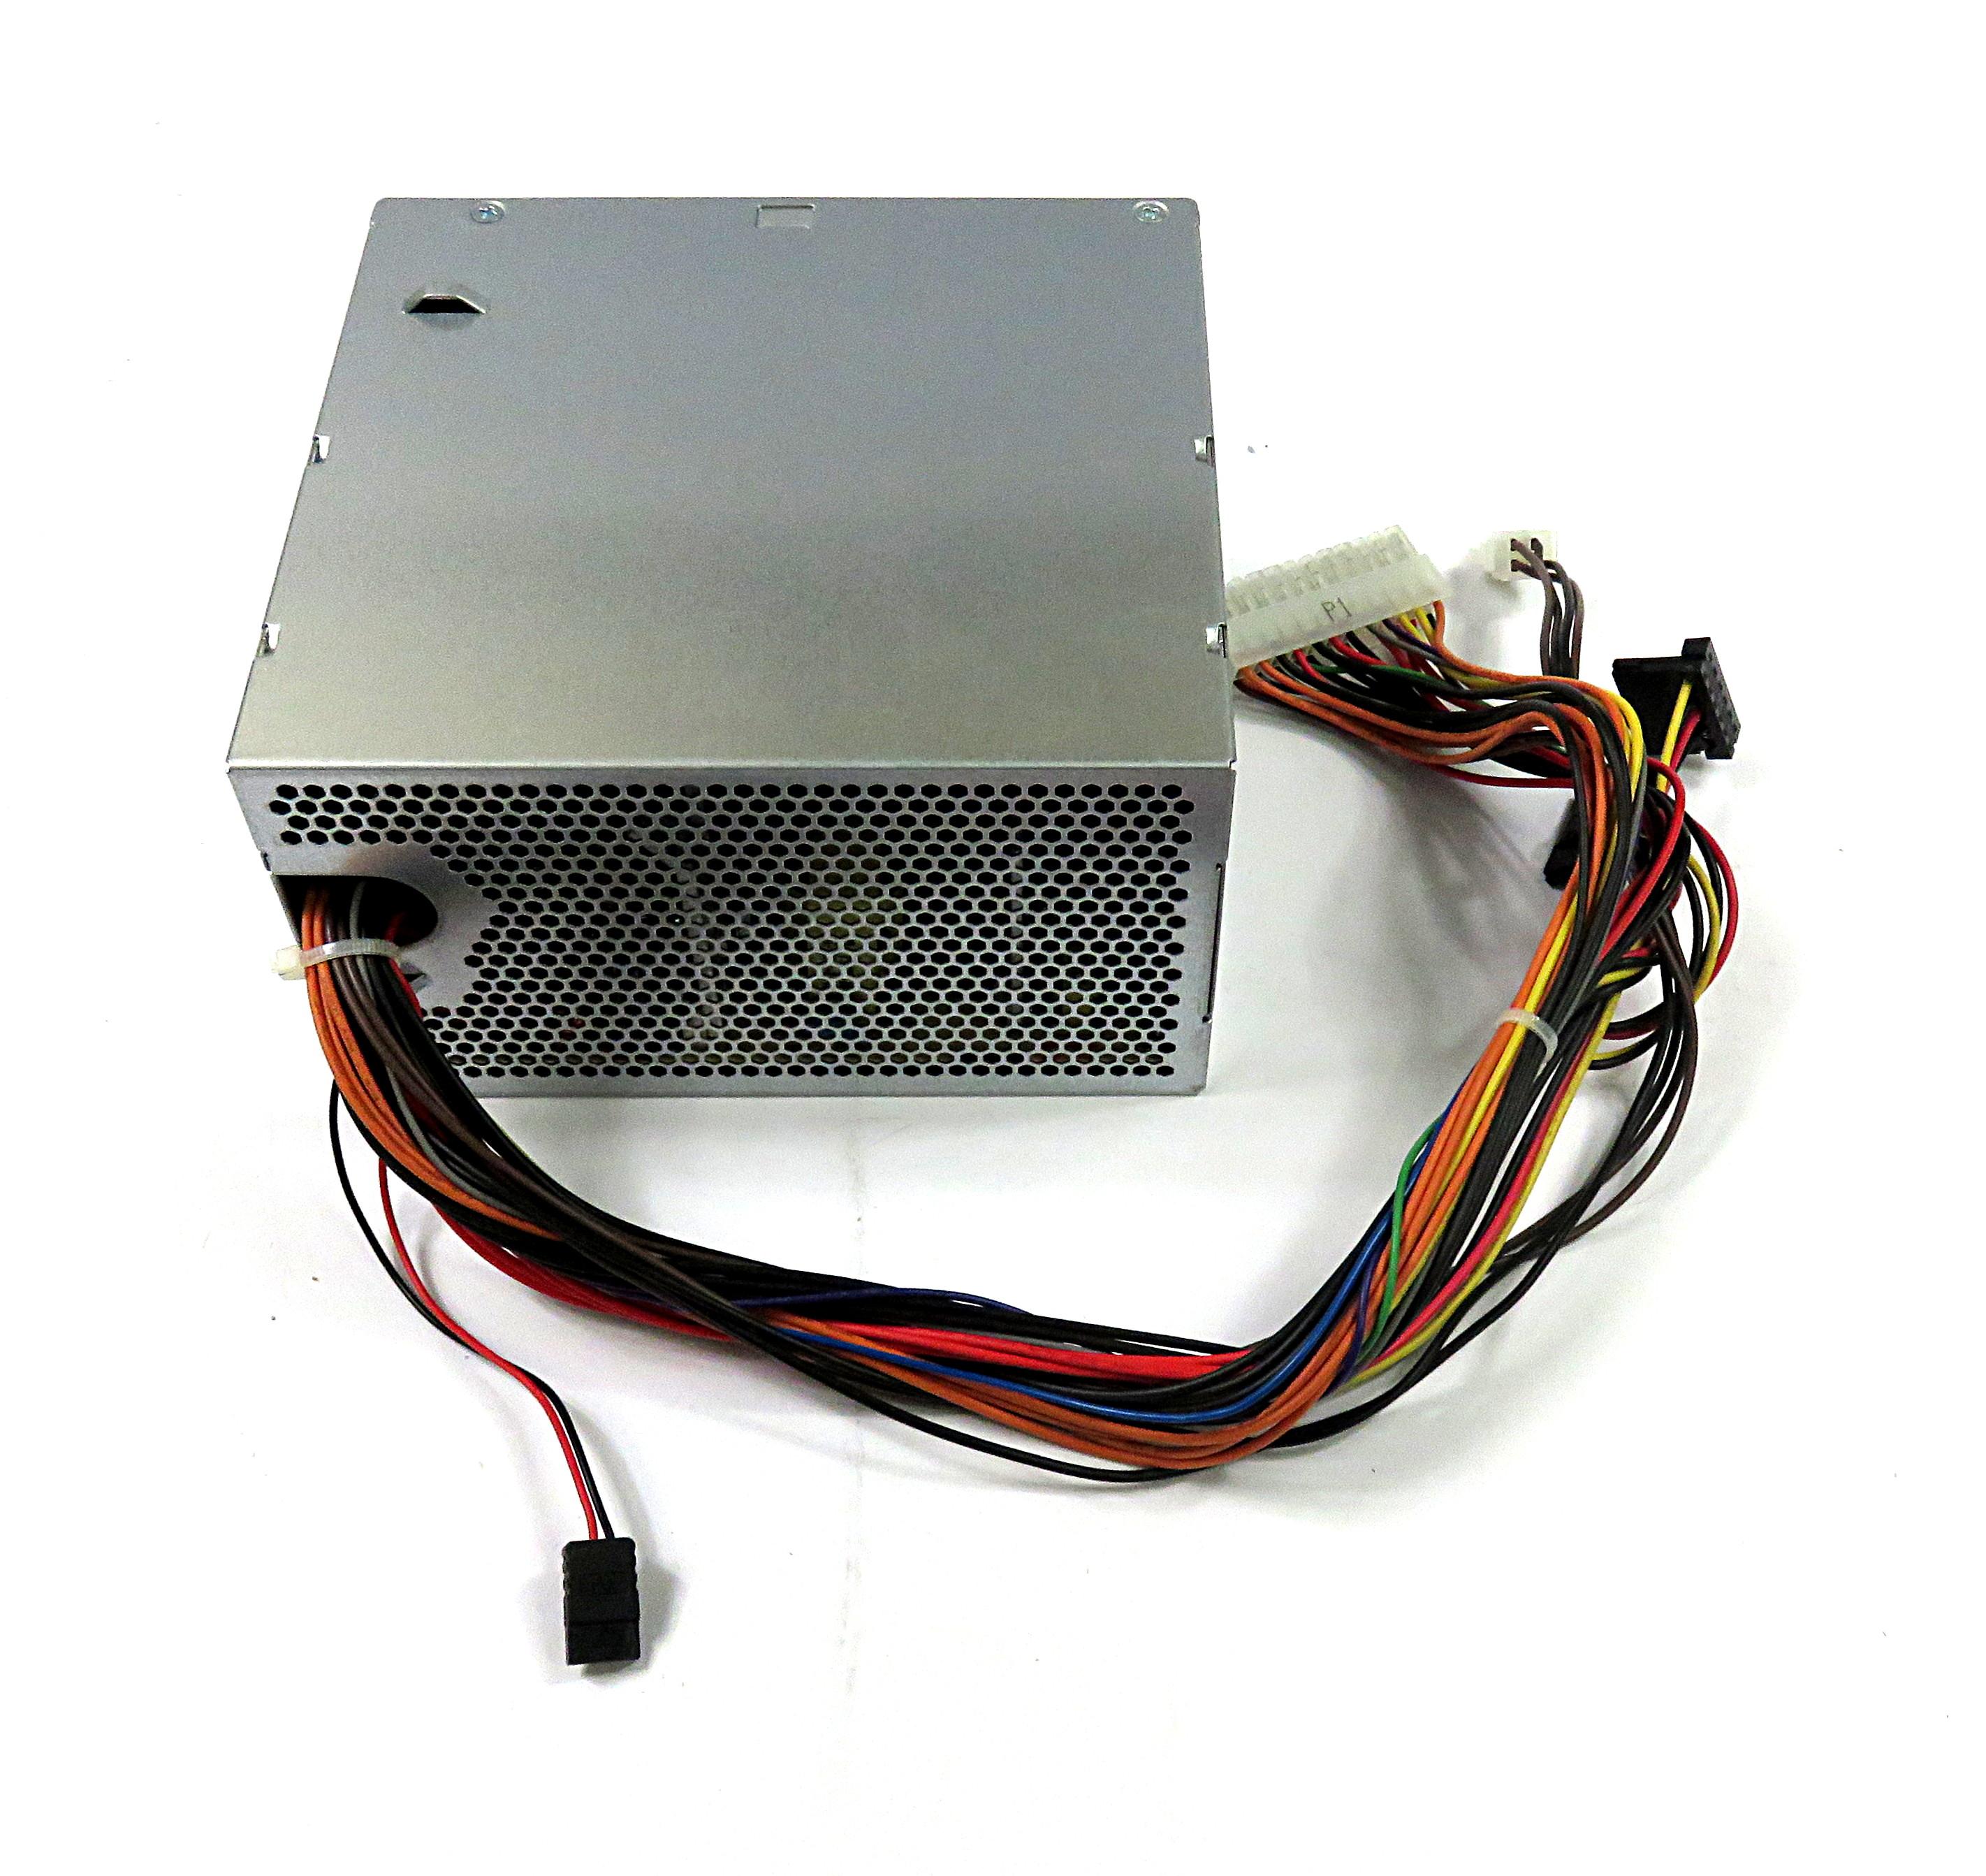 HP 759769-001 180W 24-Pin ATX PSU- AcBel PCD010 P/N:759051-001